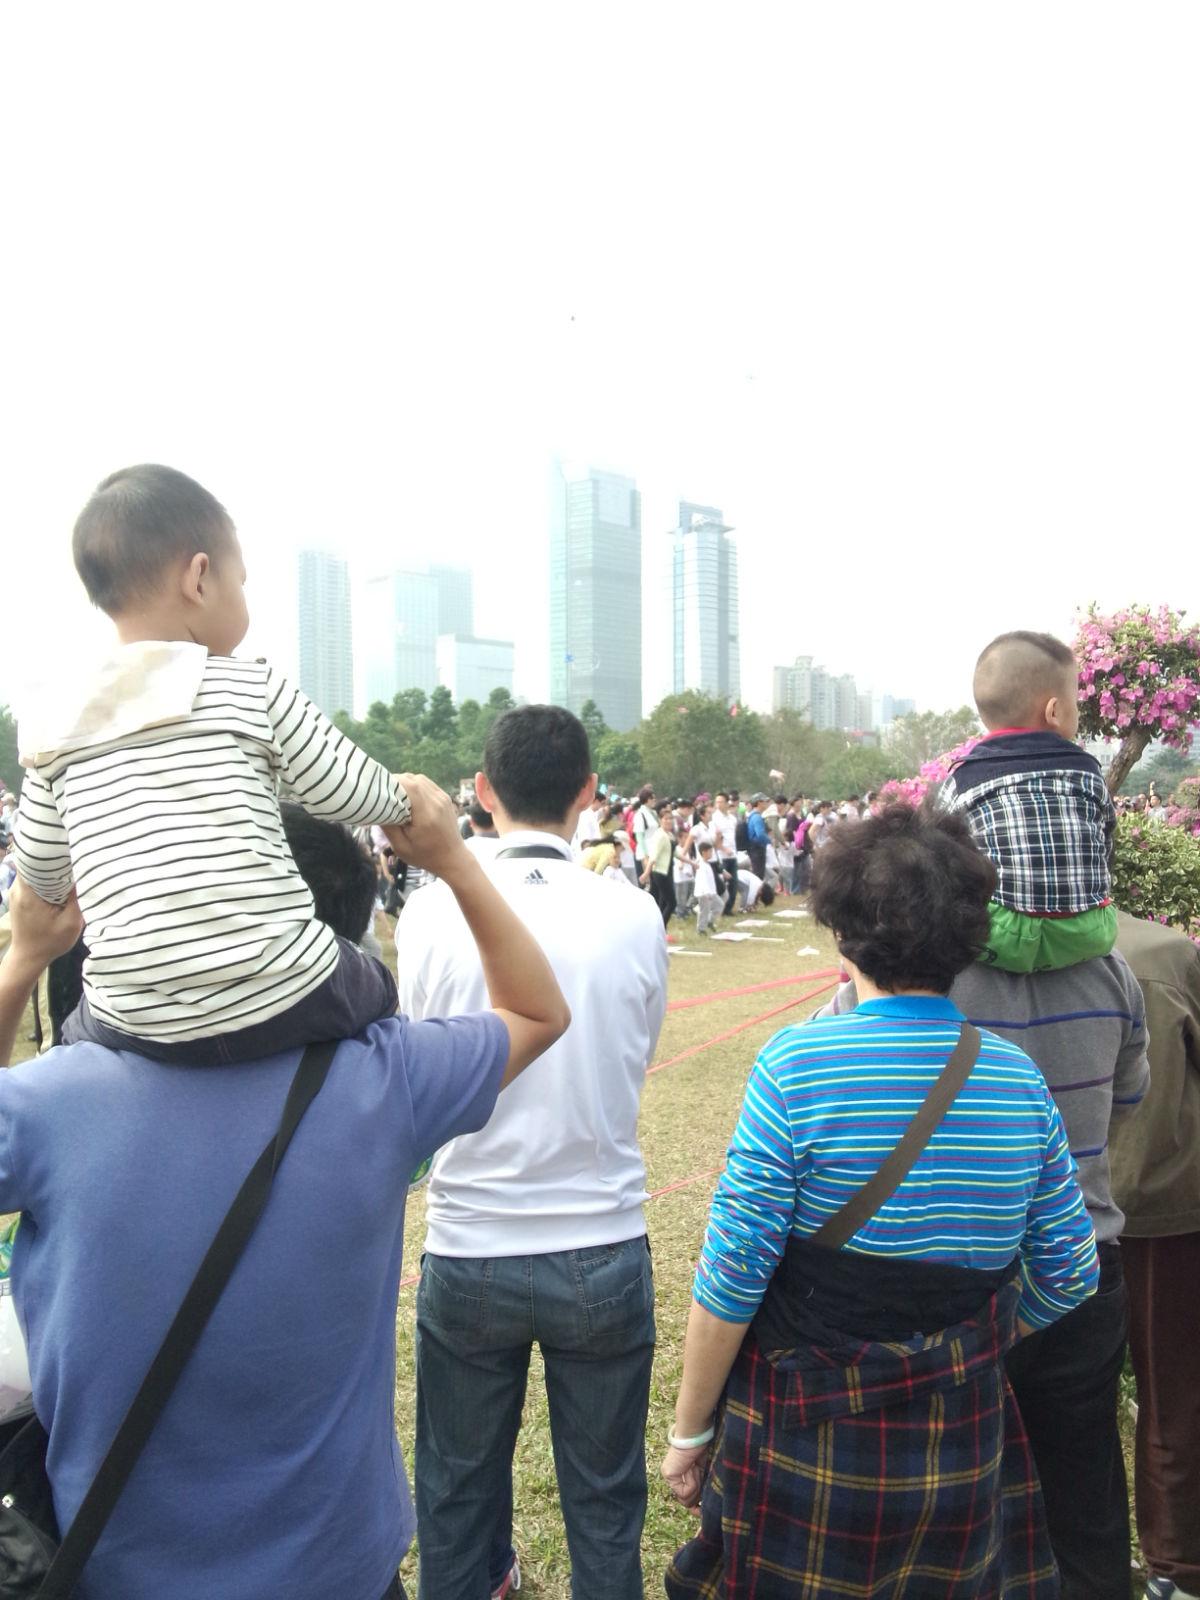 下面看的小娃娃们看到爸爸妈妈在台上,是不是很兴奋呢?